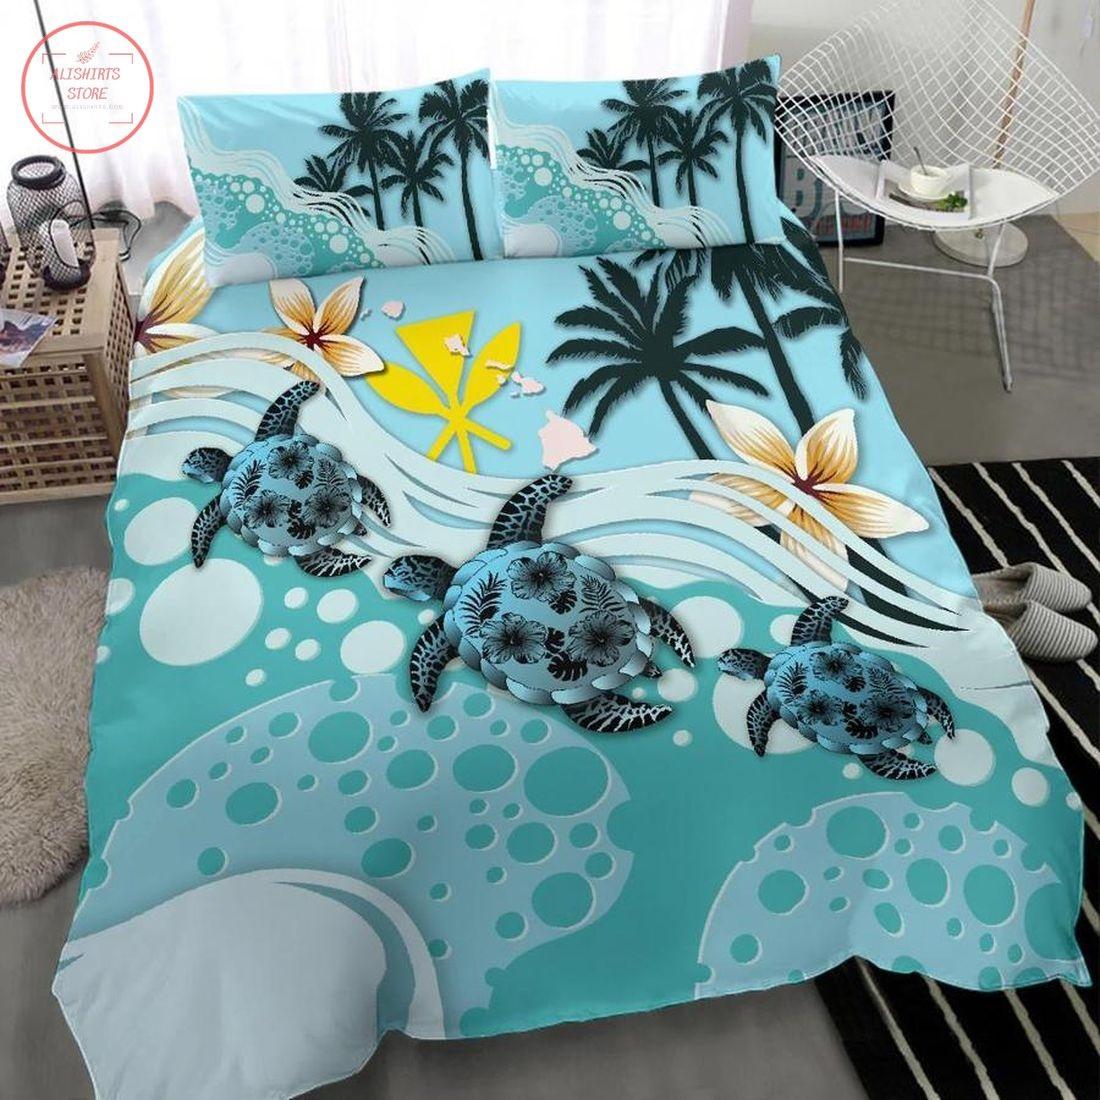 Kanaka Maoli Hawaiian Blue Turtle Hibiscus Bedding Set